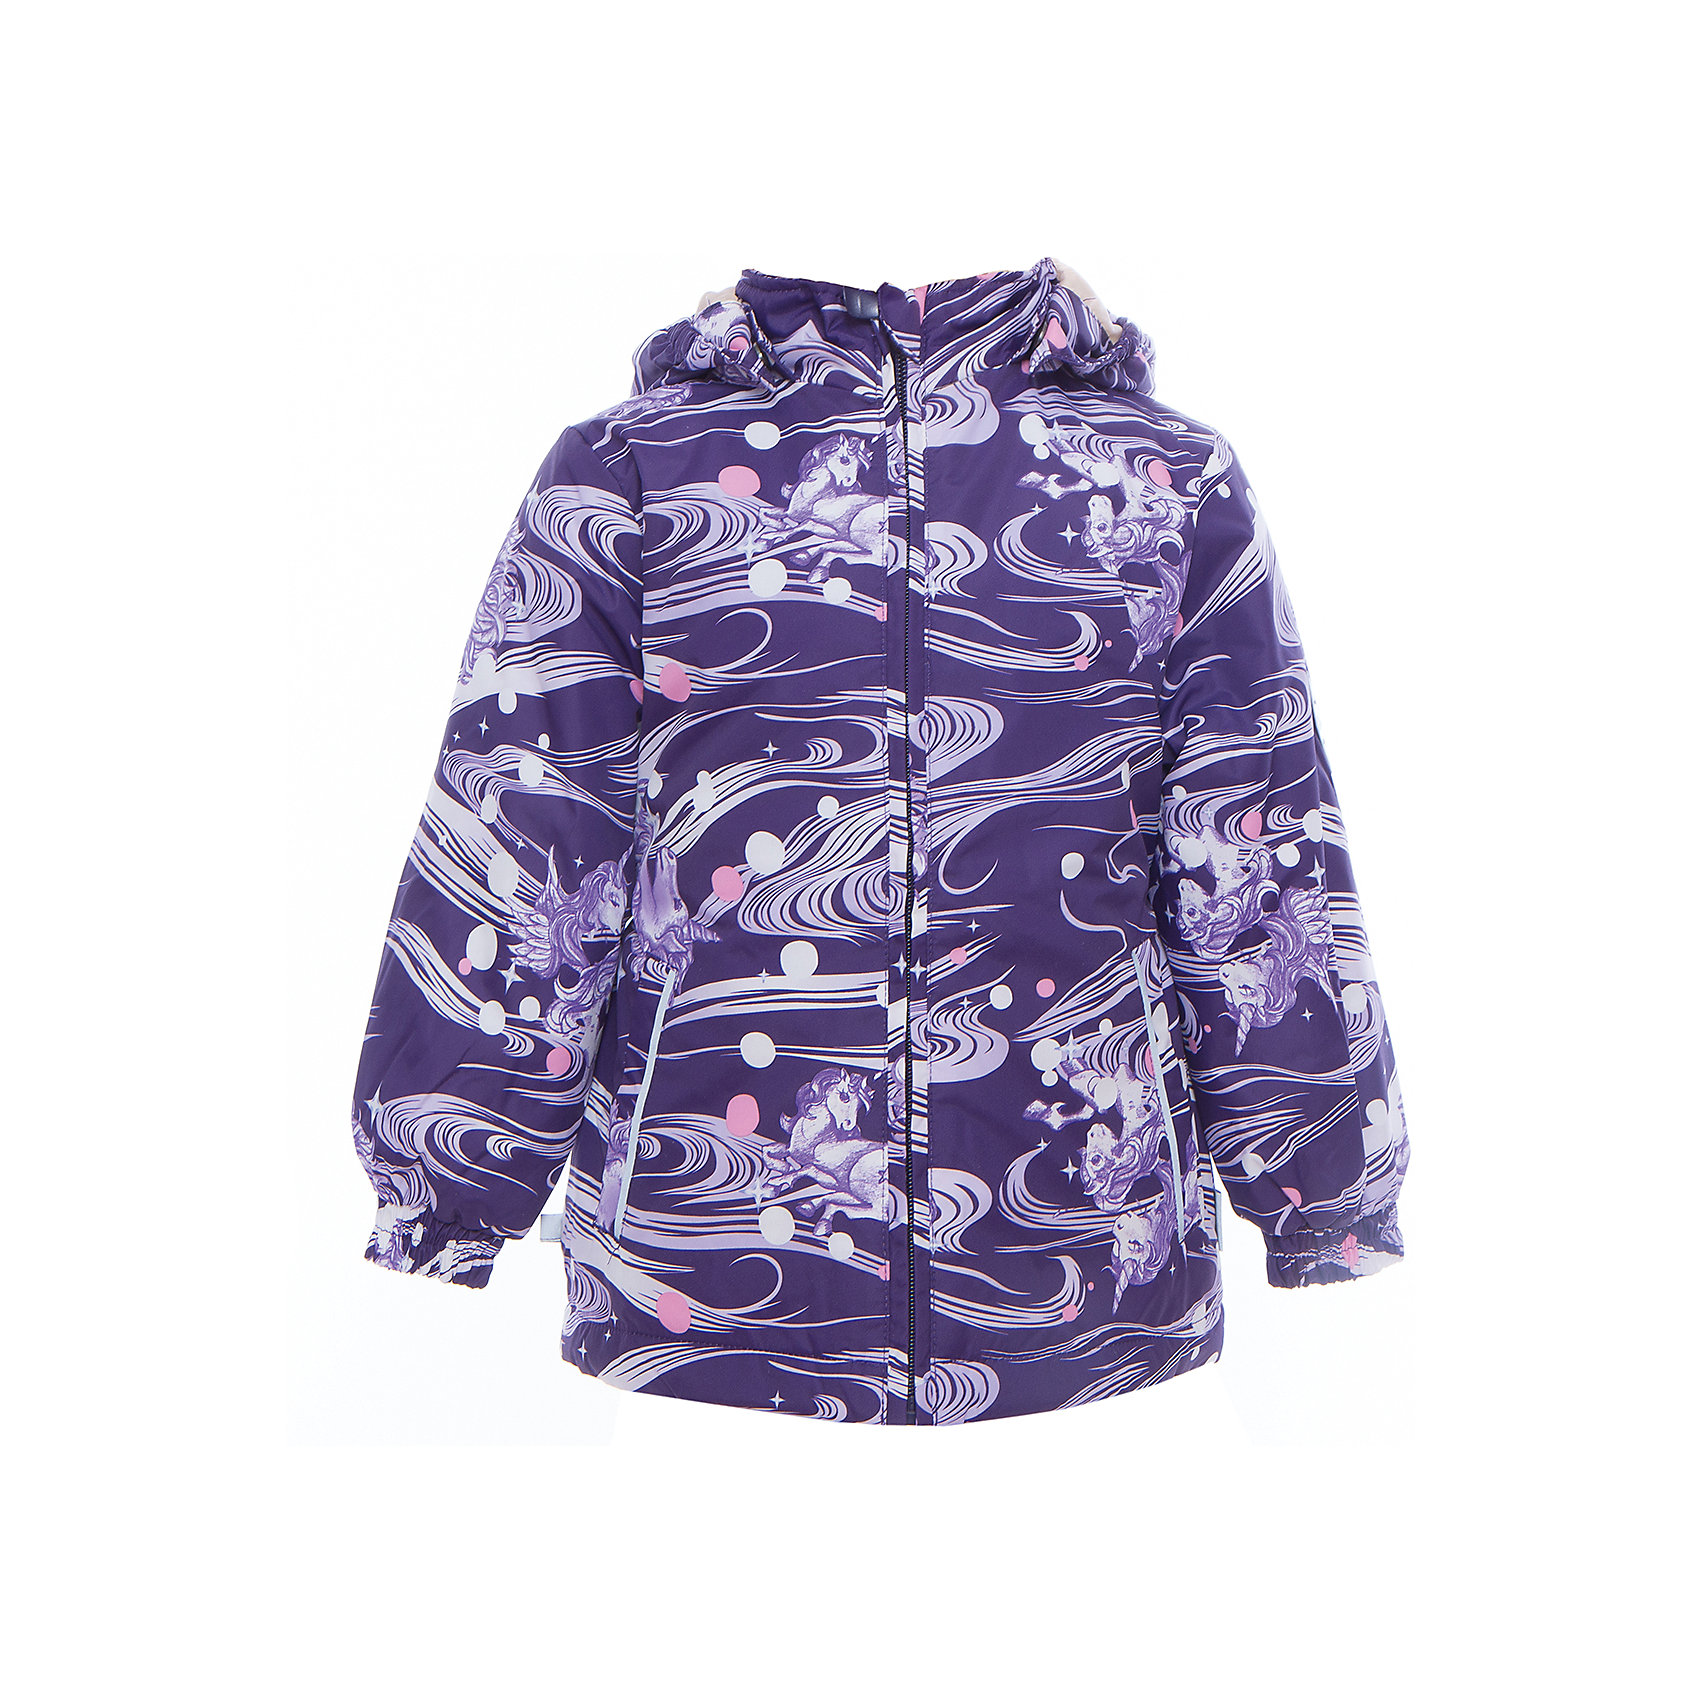 Куртка для девочки JOLY HuppaДемисезонные куртки<br>Характеристики товара:<br><br>• цвет: тёмно-фиолетовый принт<br>• ткань: 100% полиэстер<br>• подкладка: тафта - 100% полиэстер<br>• утеплитель: 100% полиэстер 100 г<br>• температурный режим: от -5°С до +10°С<br>• водонепроницаемость: 5000 мм<br>• воздухопроницаемость: 5000 мм<br>• светоотражающие детали<br>• эластичные манжеты<br>• молния<br>• съёмный капюшон с резинкой<br>• карманы<br>• комфортная посадка<br>• коллекция: весна-лето 2017<br>• страна бренда: Эстония<br><br>Такая легкая и стильная куртка обеспечит детям тепло и комфорт. Она сделана из материала, отталкивающего воду, и дополнено подкладкой с утеплителем, поэтому изделие идеально подходит для межсезонья. Материал изделия - с мембранной технологией: защищая от влаги и ветра, он легко выводит лишнюю влагу наружу. Для удобства сделан капюшон. Куртка очень симпатично смотрится, яркая расцветка и крой добавляют ему оригинальности. Модель была разработана специально для детей.<br><br>Одежда и обувь от популярного эстонского бренда Huppa - отличный вариант одеть ребенка можно и комфортно. Вещи, выпускаемые компанией, качественные, продуманные и очень удобные. Для производства изделий используются только безопасные для детей материалы. Продукция от Huppa порадует и детей, и их родителей!<br><br>Куртку для девочки JOLY от бренда Huppa (Хуппа) можно купить в нашем интернет-магазине.<br><br>Ширина мм: 356<br>Глубина мм: 10<br>Высота мм: 245<br>Вес г: 519<br>Цвет: розовый<br>Возраст от месяцев: 18<br>Возраст до месяцев: 24<br>Пол: Женский<br>Возраст: Детский<br>Размер: 92,134,98,104,110,116,122,128<br>SKU: 5346829